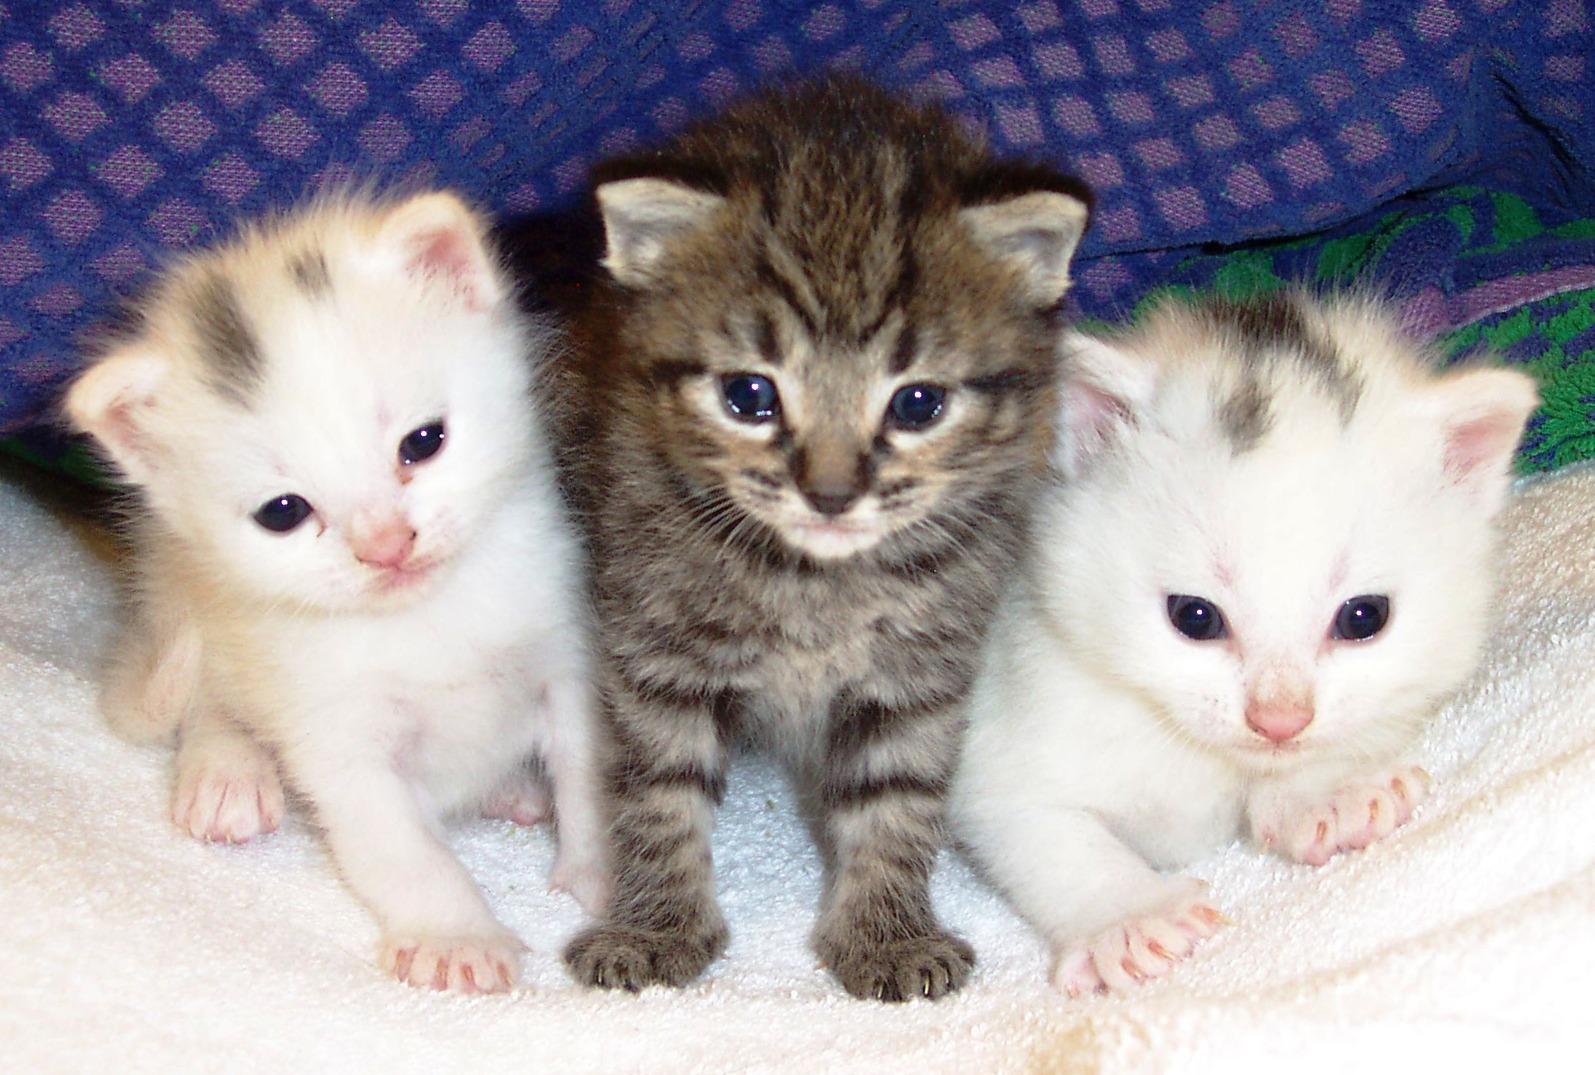 Gambar tiga anak kucing yang manis dan imut